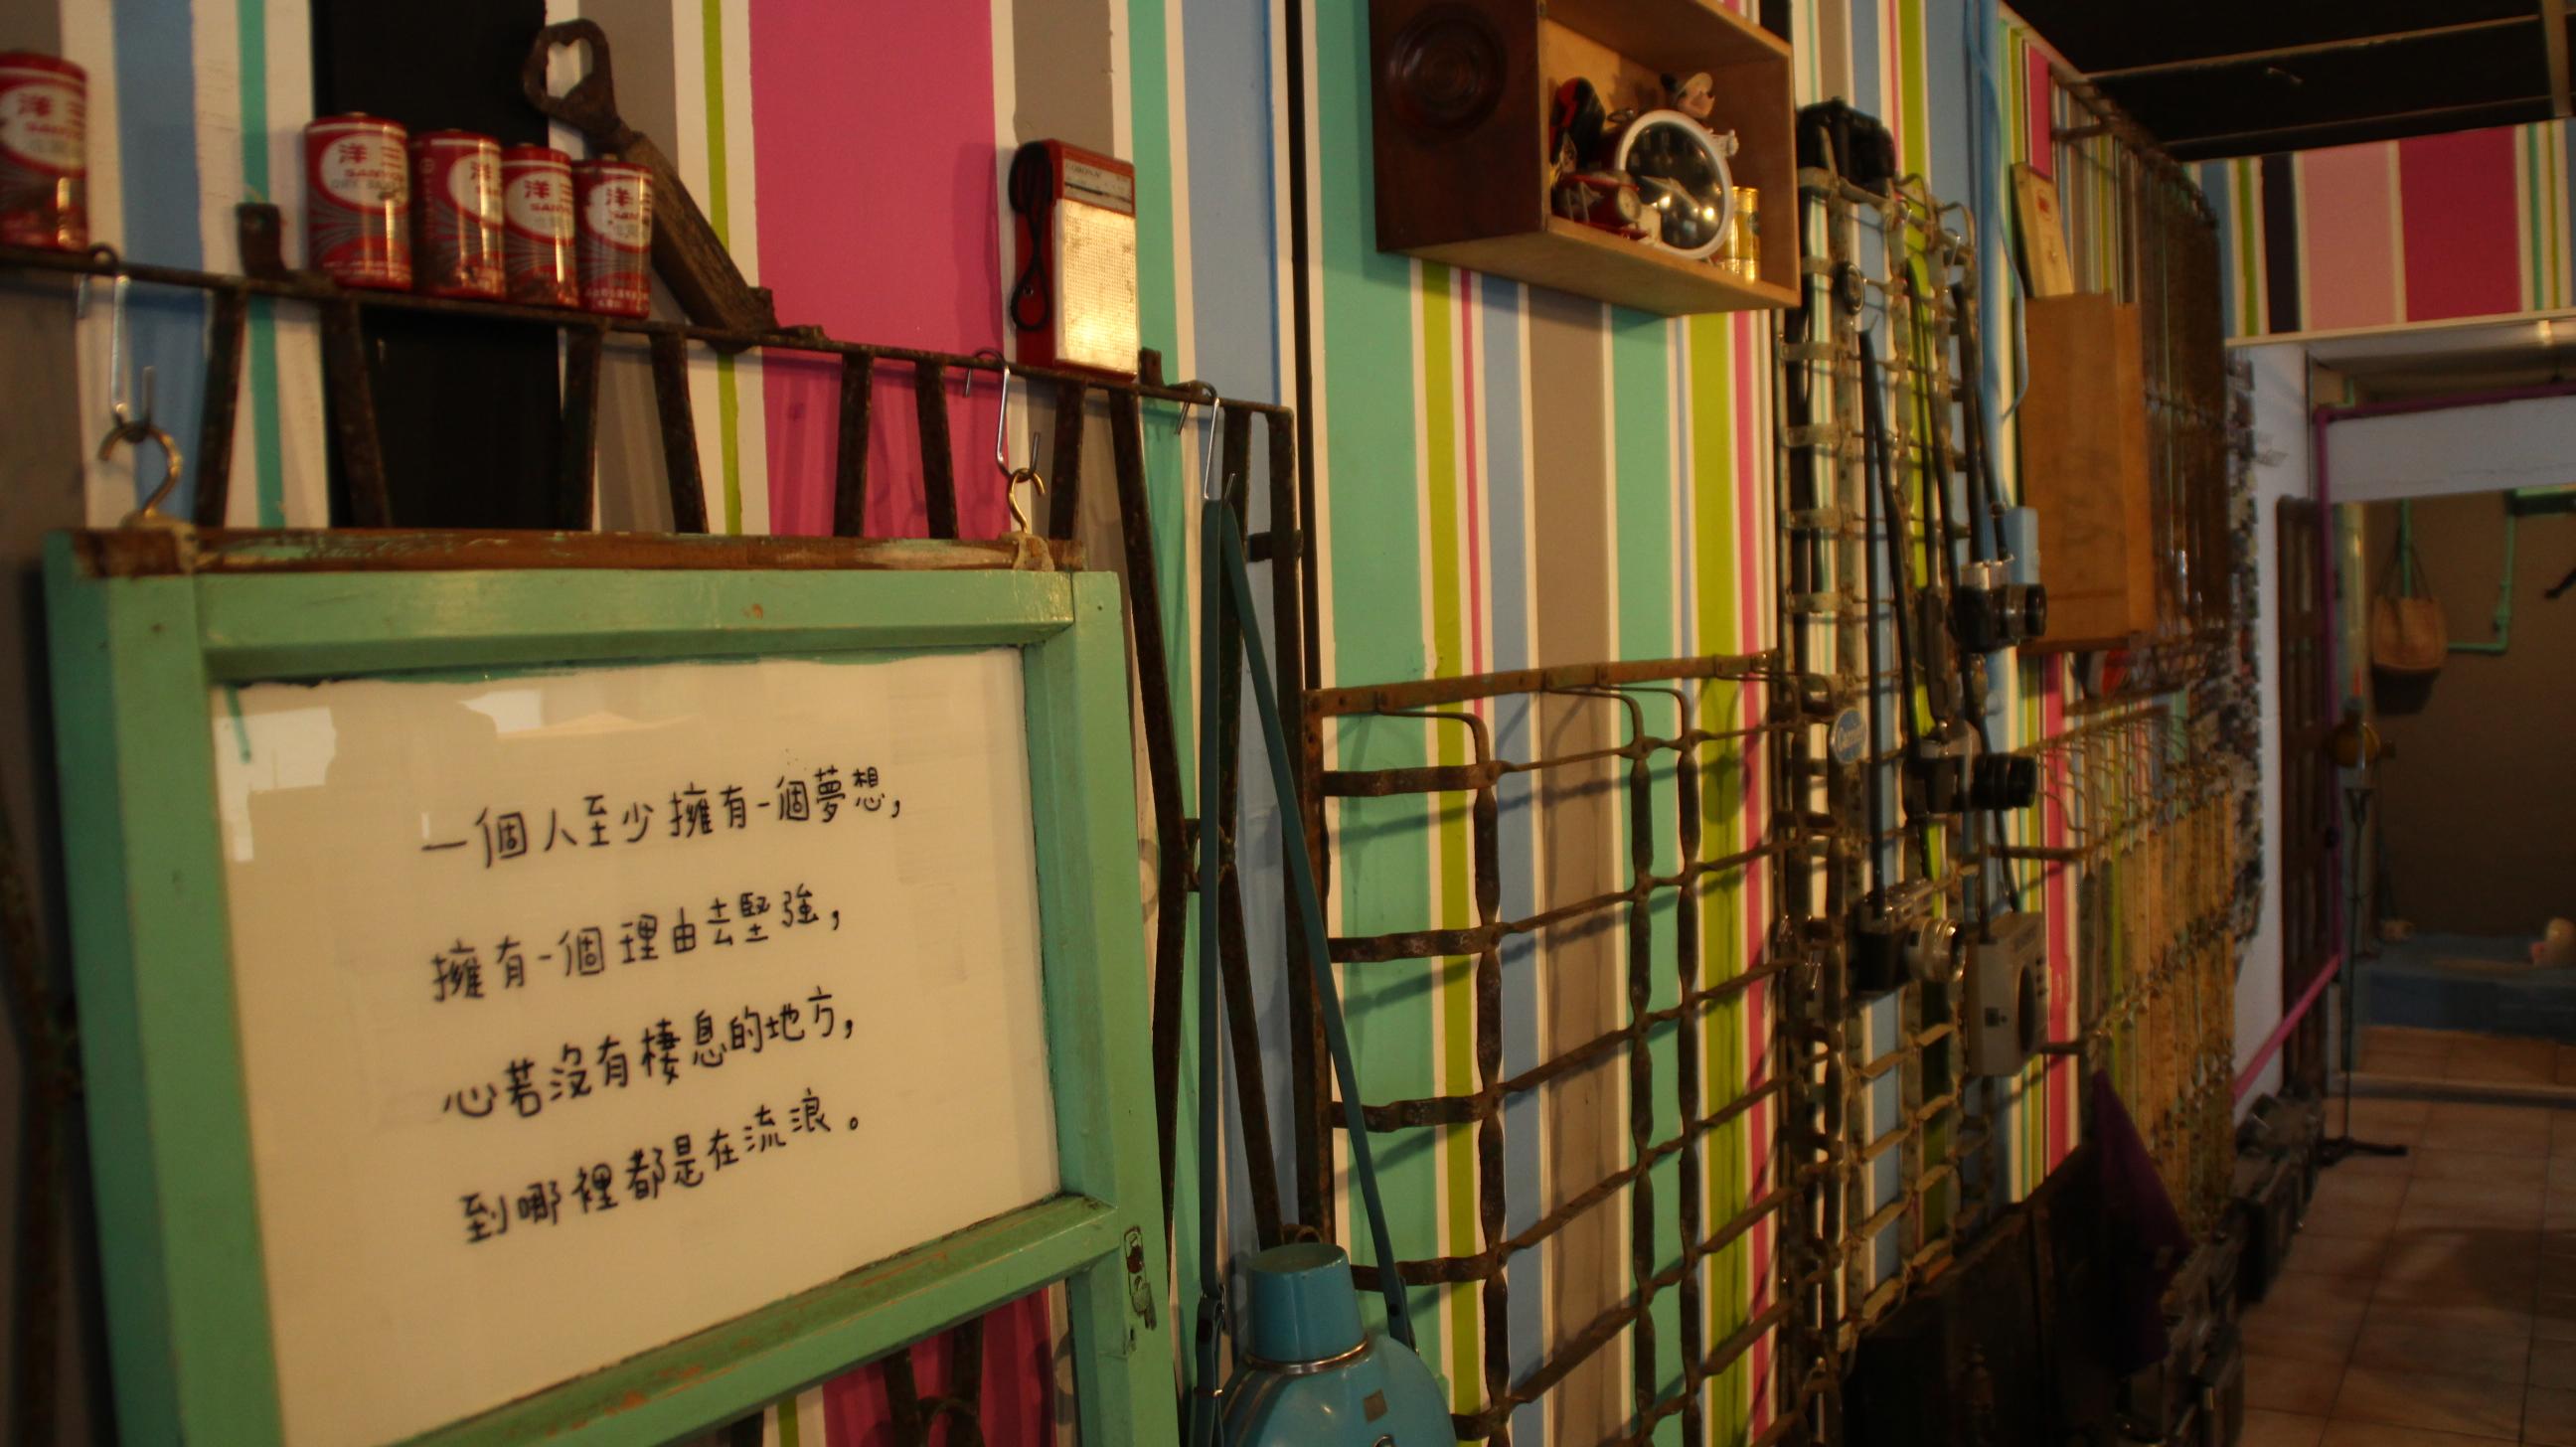 李老闆從高中就開始收集文物,店內擺設都是他的收藏品。